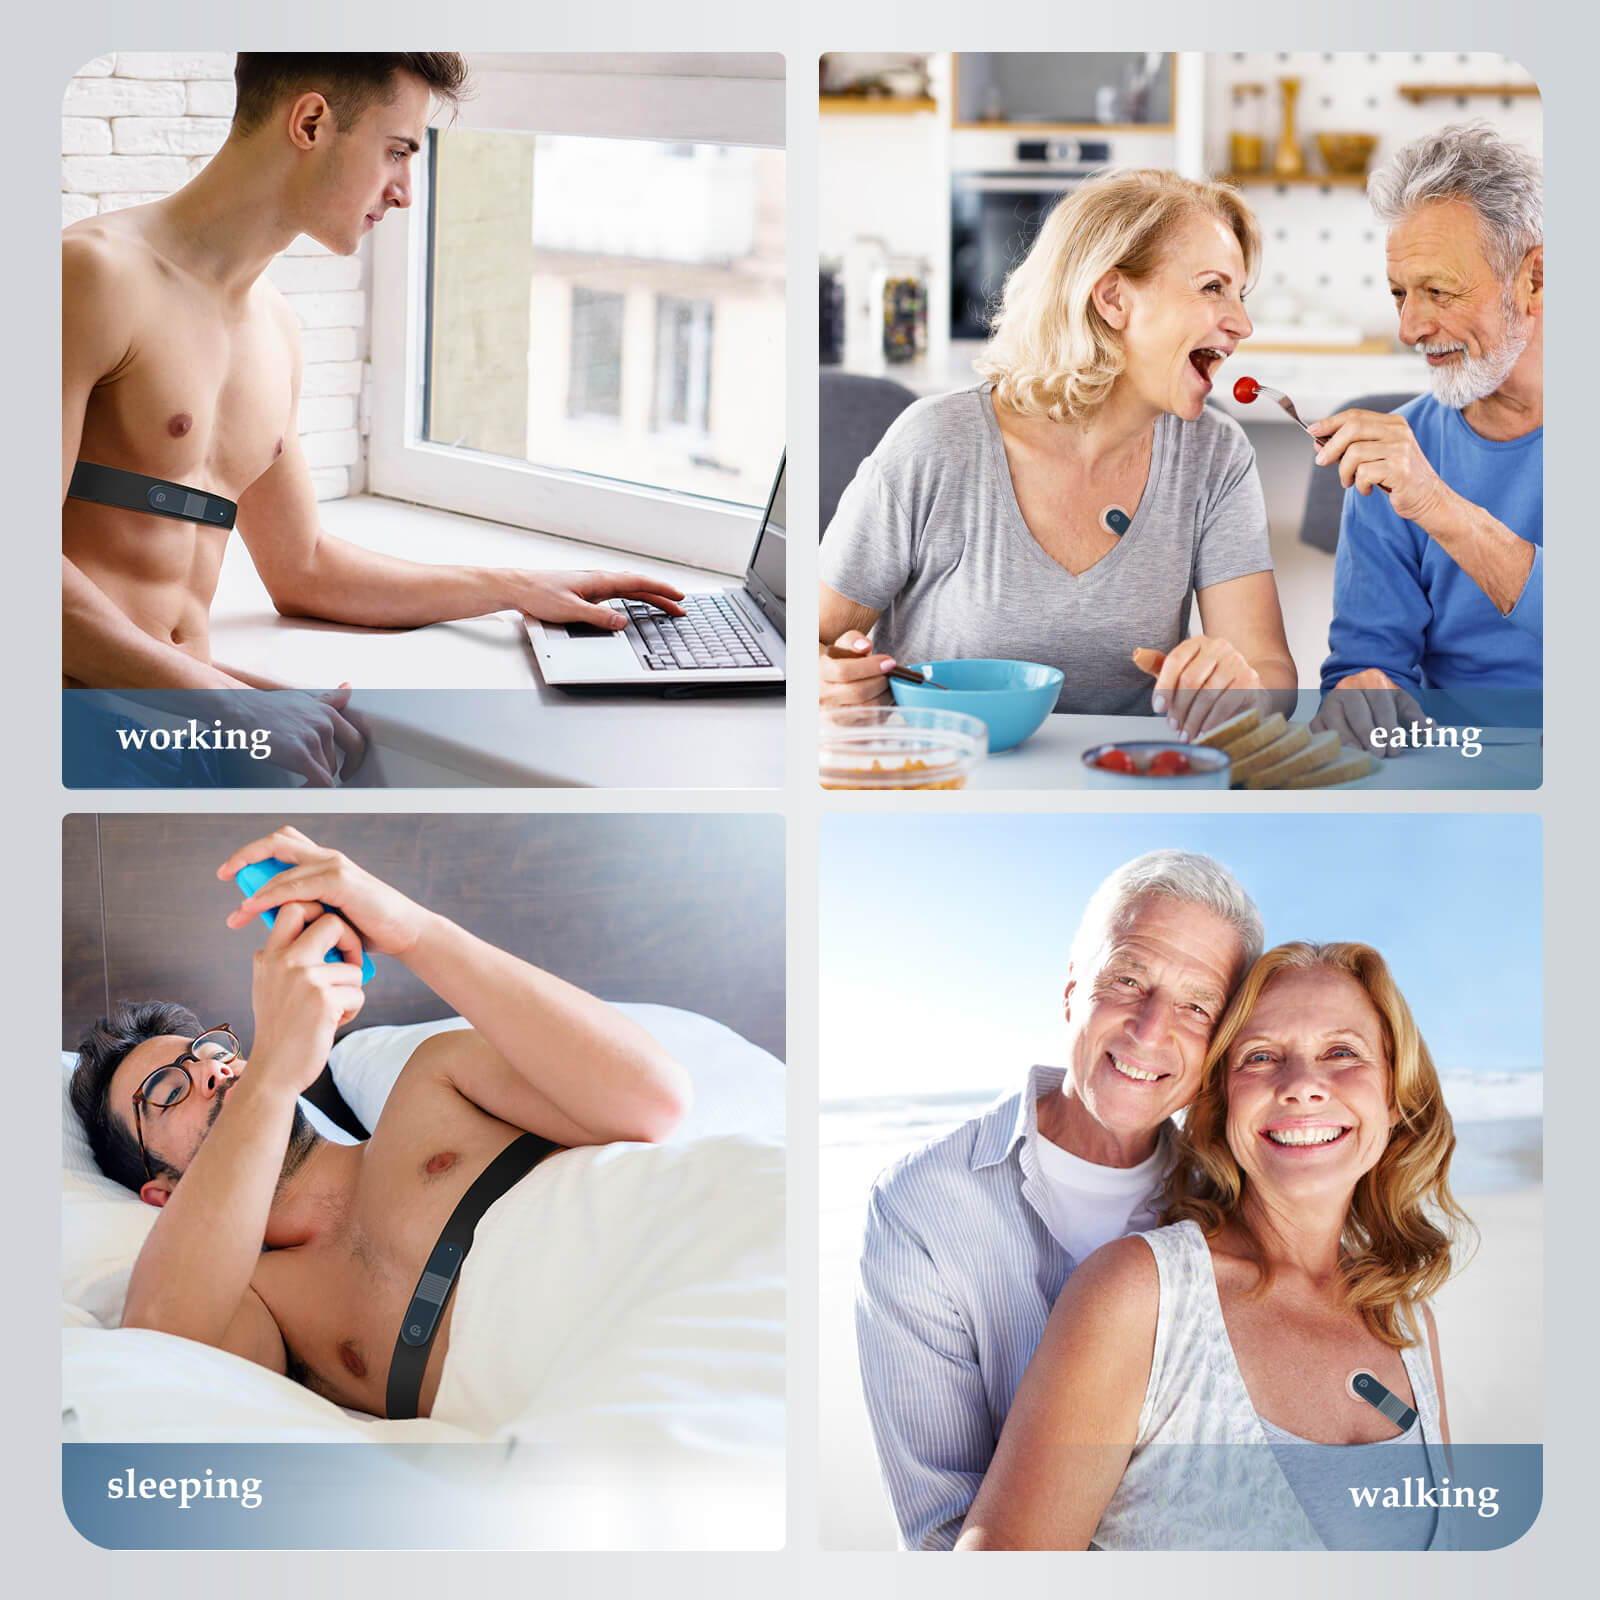 在宅ホルターモニター、家庭用心電図マシン、ポータブル心電図装置、家庭用ホルターモニター、心電図心臓モニター